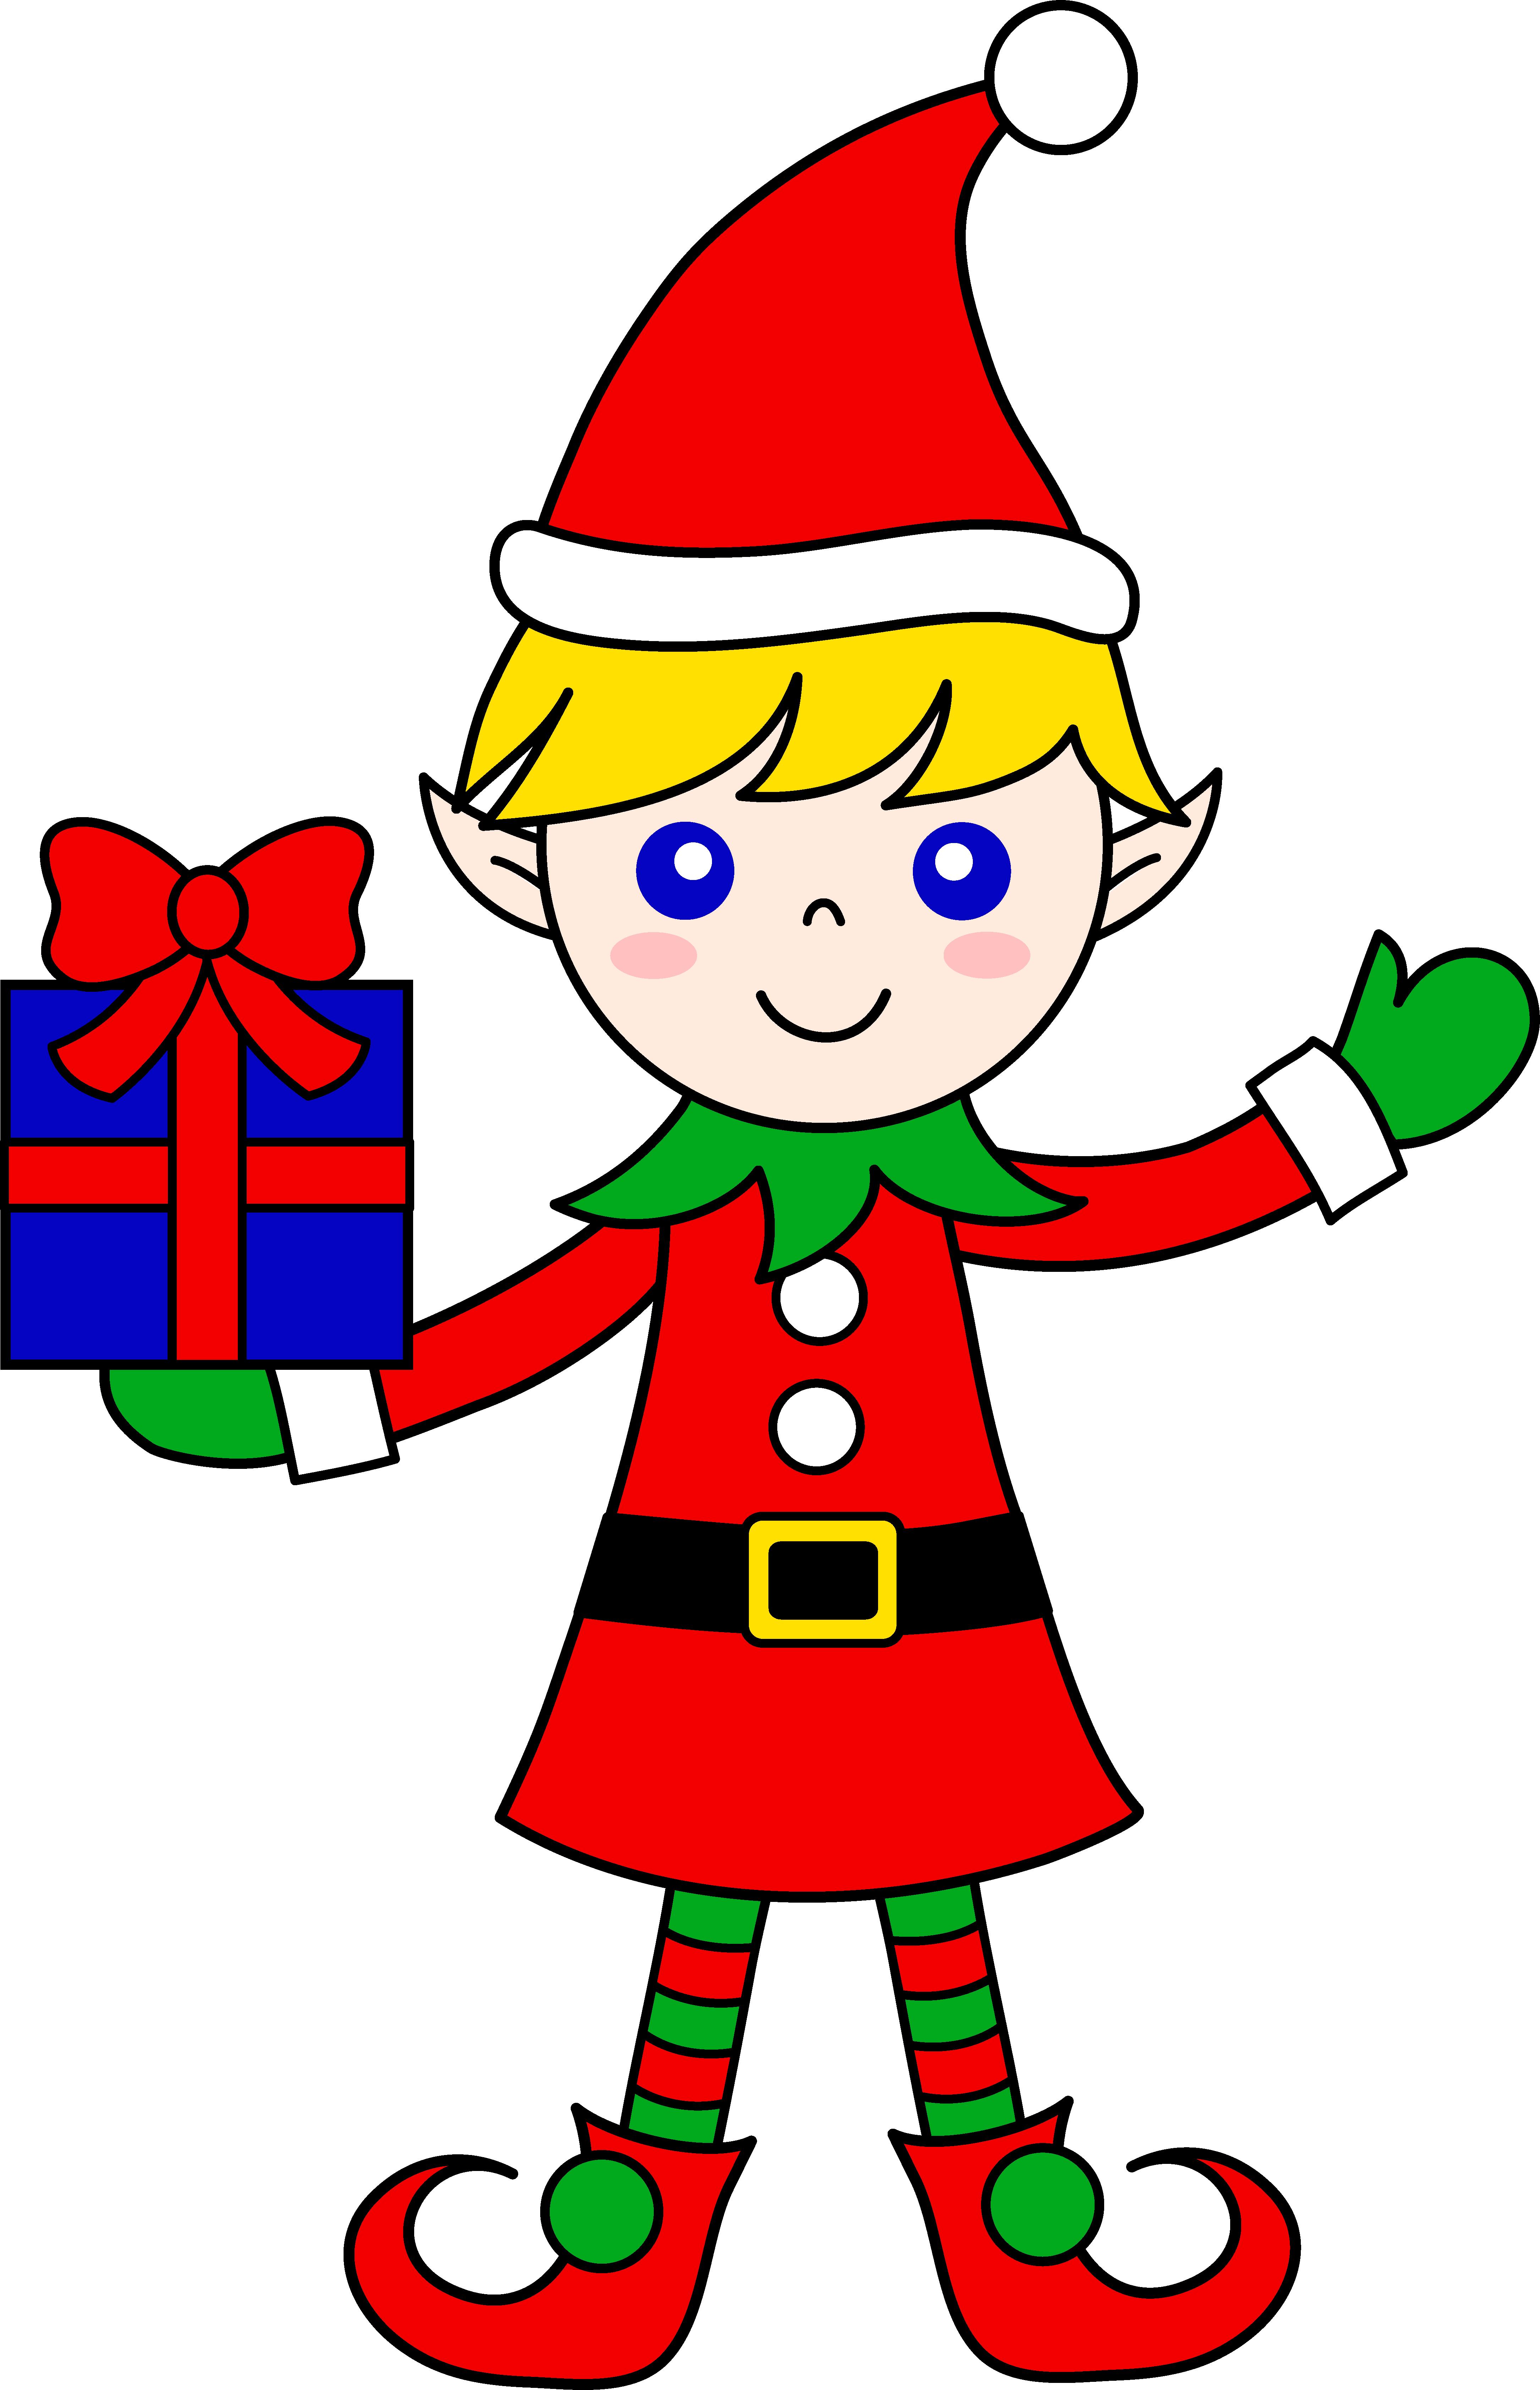 Elf clipart cute Christmas Christmas Art With Art